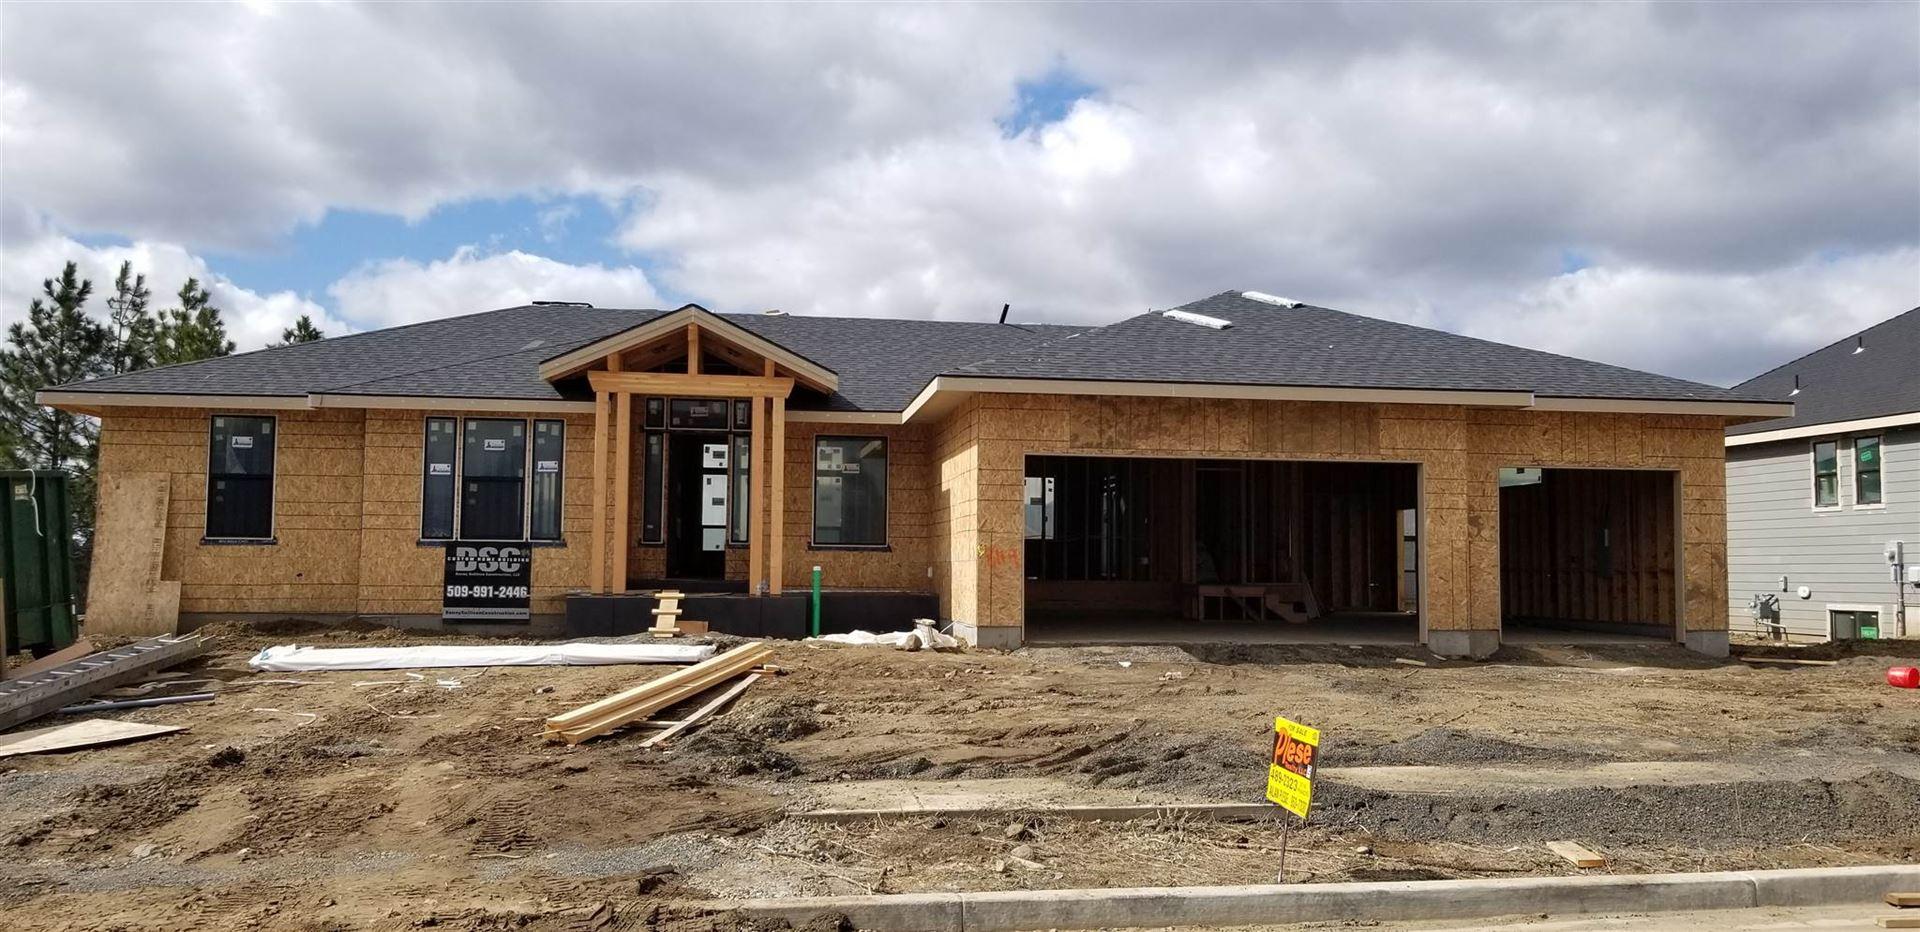 8119 N Jodi St, Spokane, WA 99208 - #: 202113192